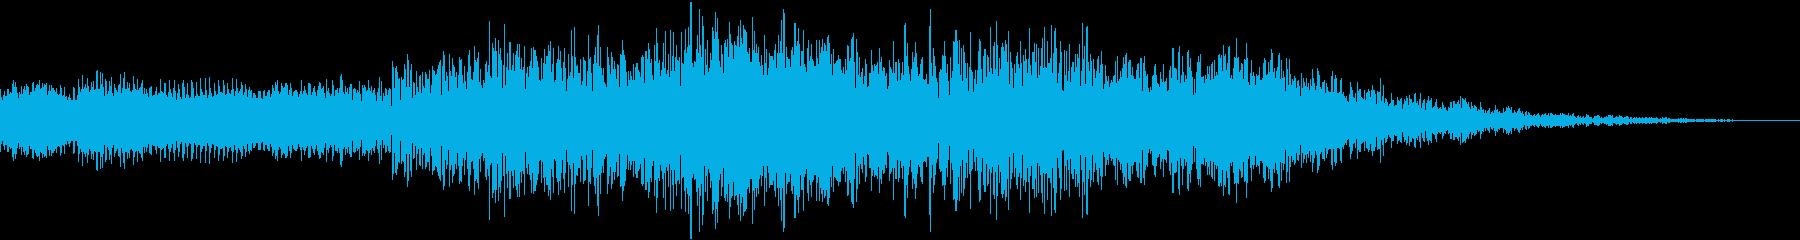 メネシングトーンドローンの再生済みの波形